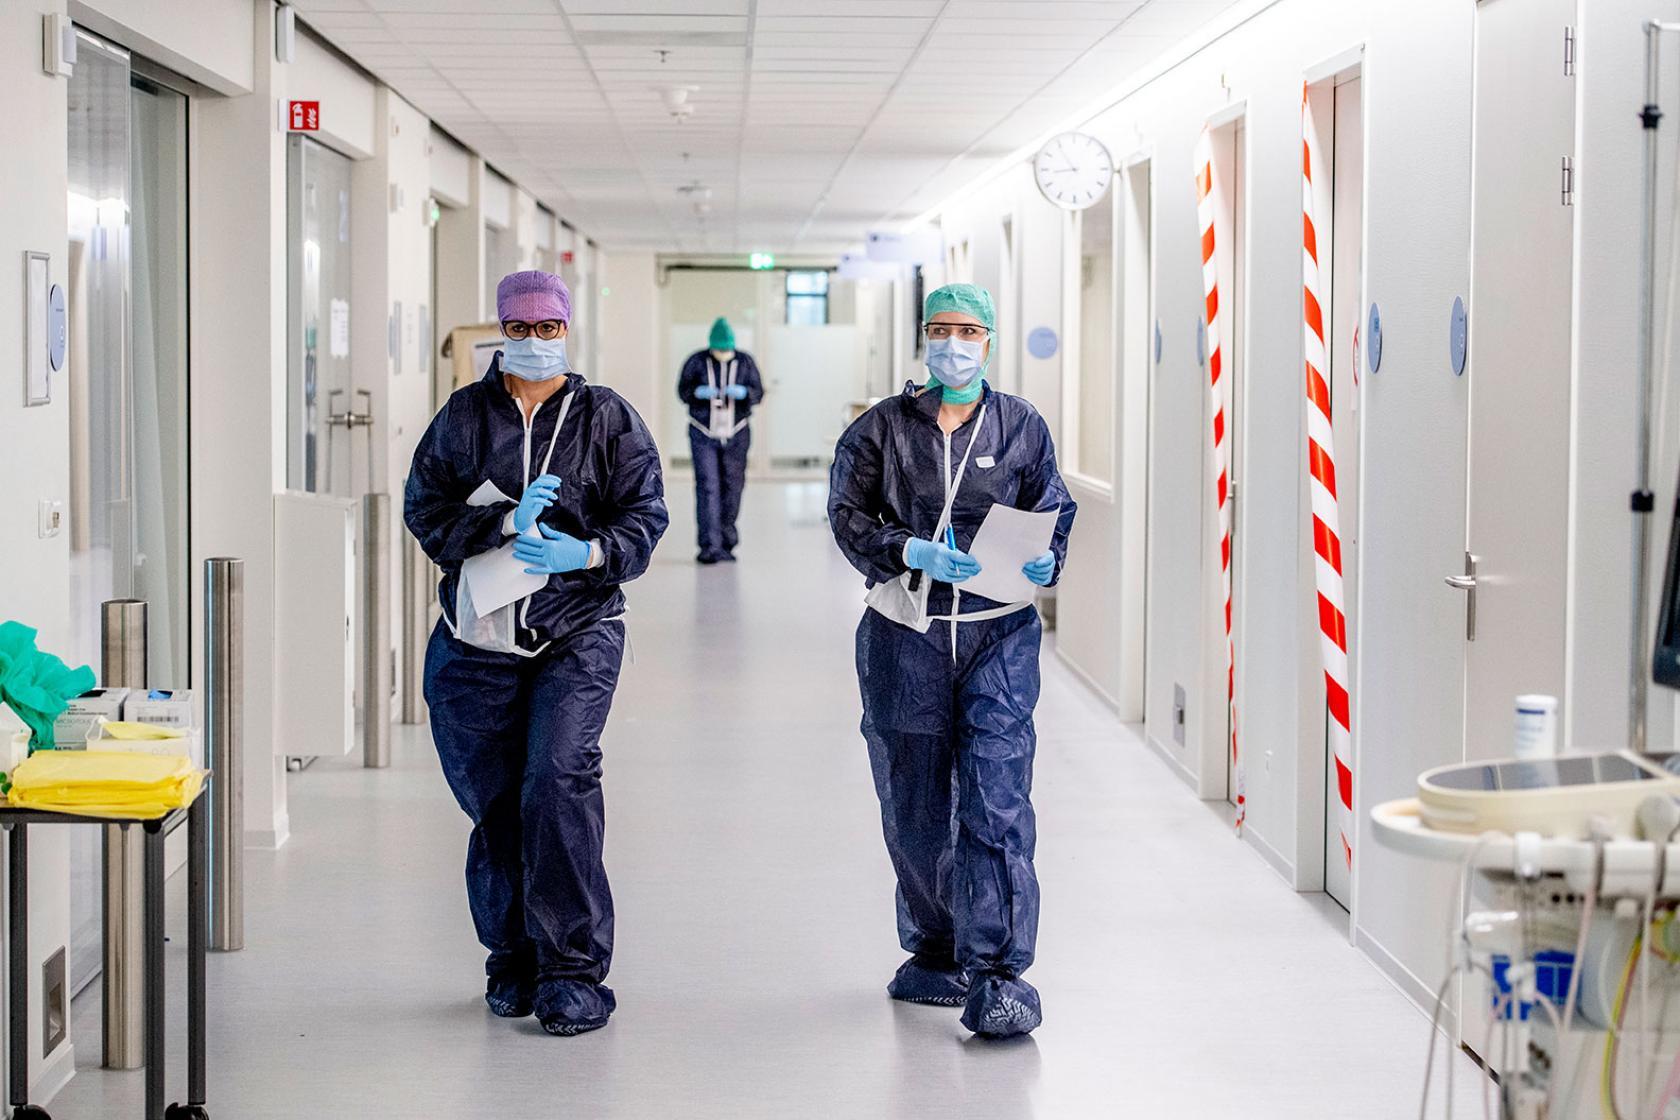 zorgmedewerker intensive care